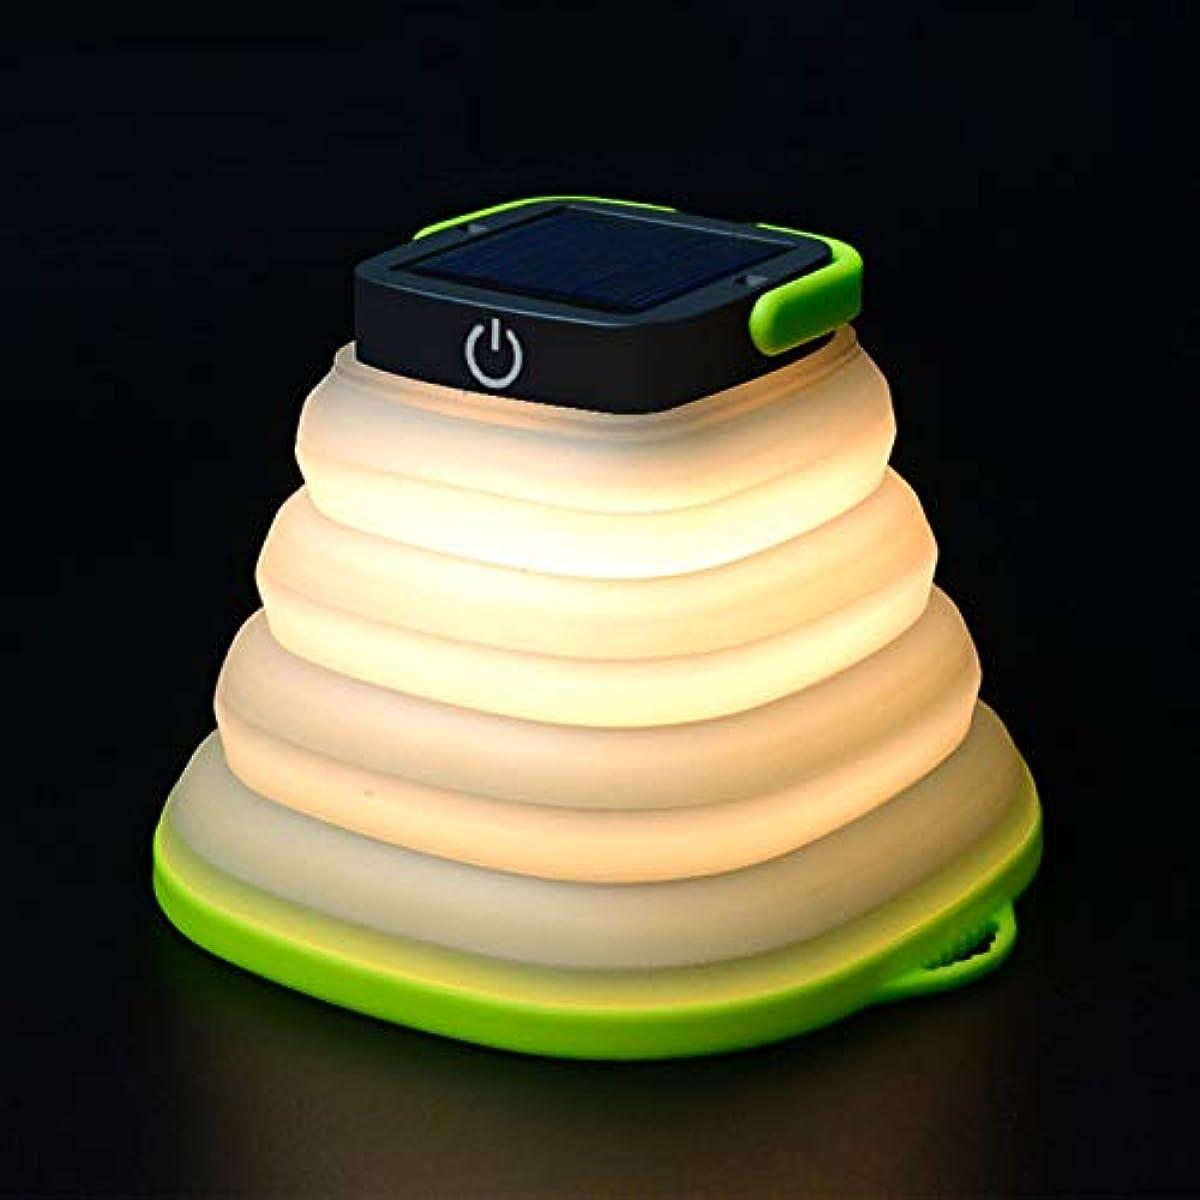 [해외] 솔라 LED 랜턴 캠프 랜턴 접는식 IP68방수 솔라 충전+USB충전식 라이트 난색 3개조 광모드 500MAH전지 내장 정전 긴급 등산 아웃도어 캠프 랜턴 라이트 크리스마스 라이트